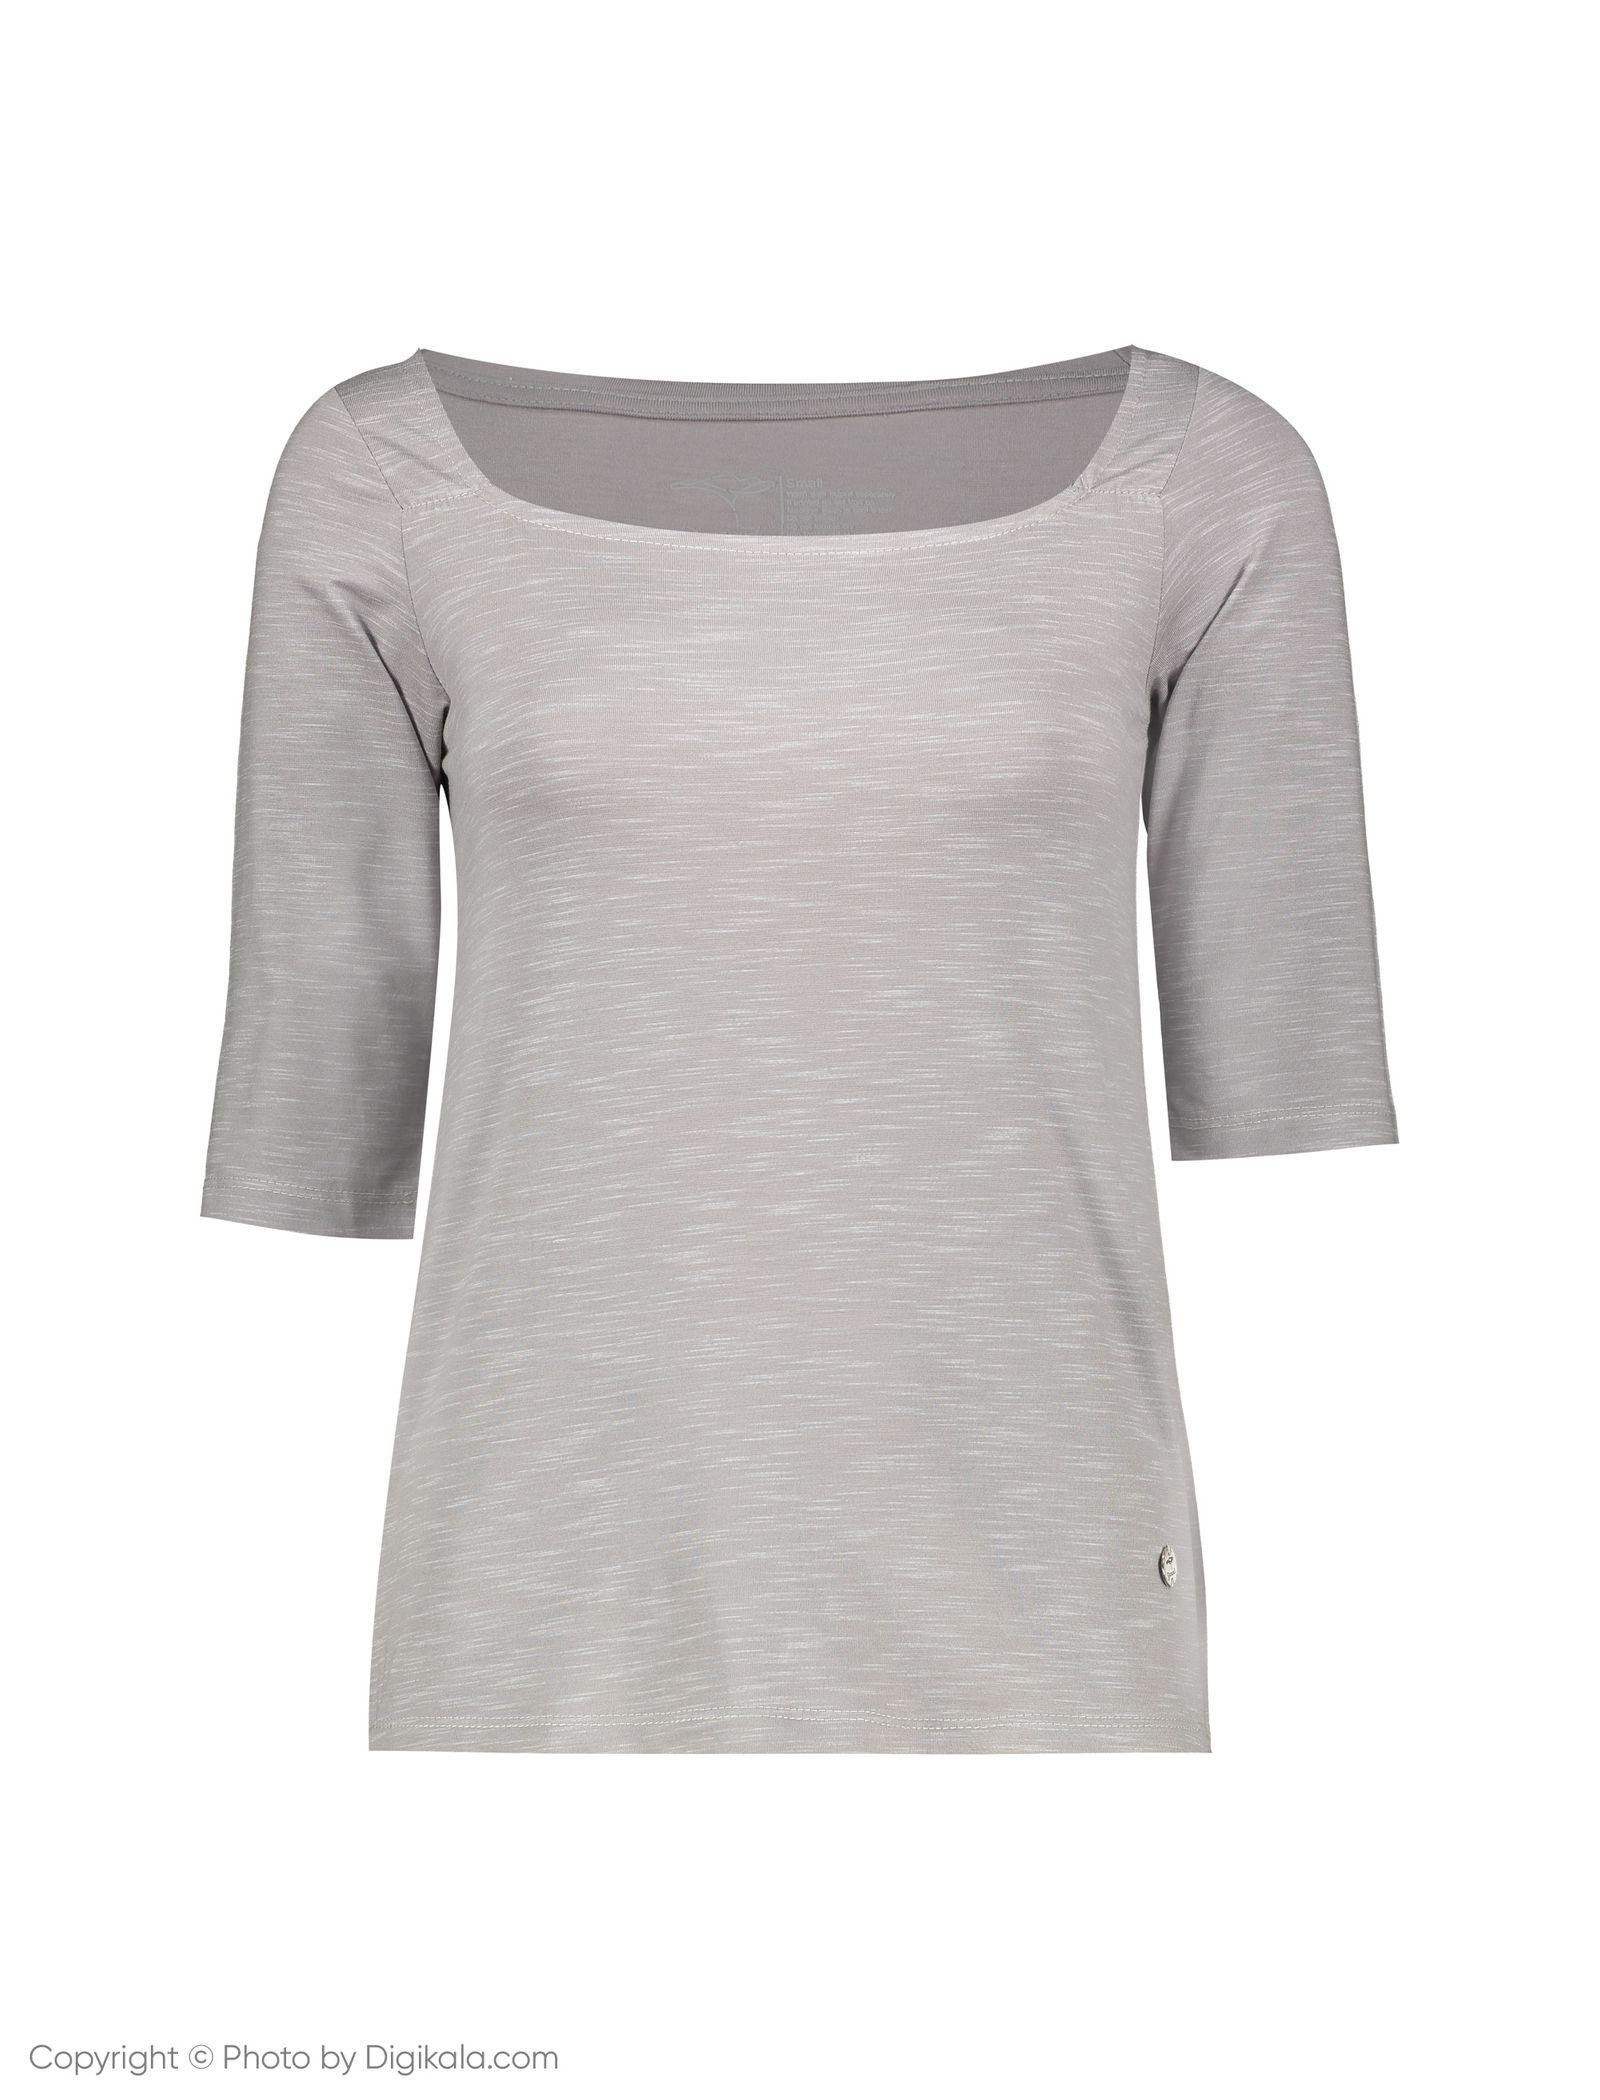 تی شرت زنانه گارودی مدل 1003112018-91 -  - 1